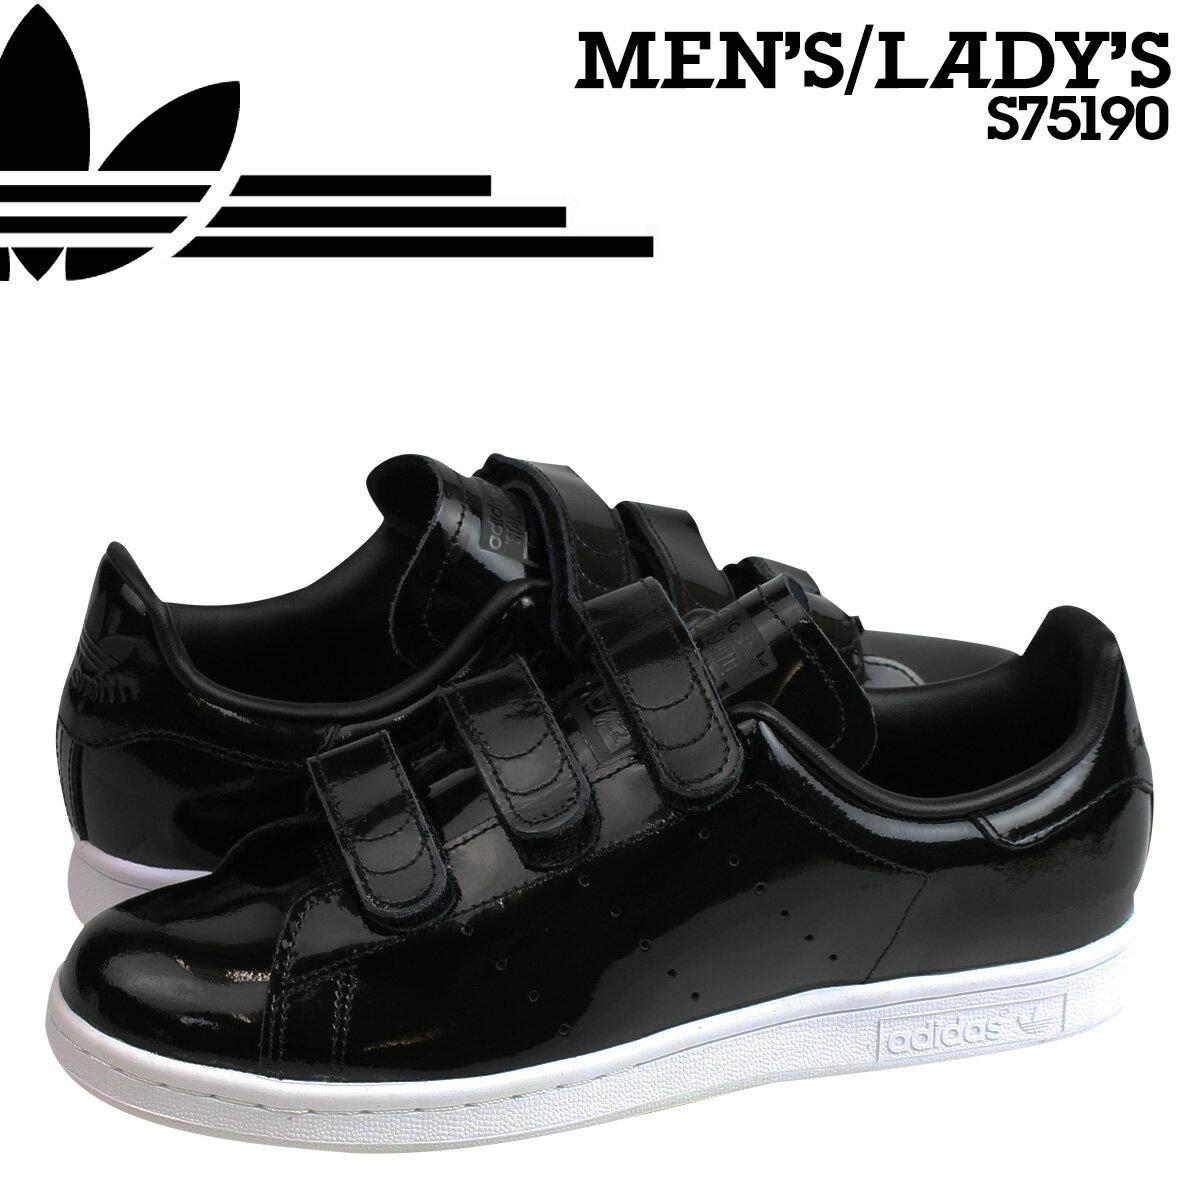 アディダス スタンスミス ベルクロ adidas Originals スニーカー STAN SMITH CF メンズ レディース S75190 靴 ブラック オリジナルス